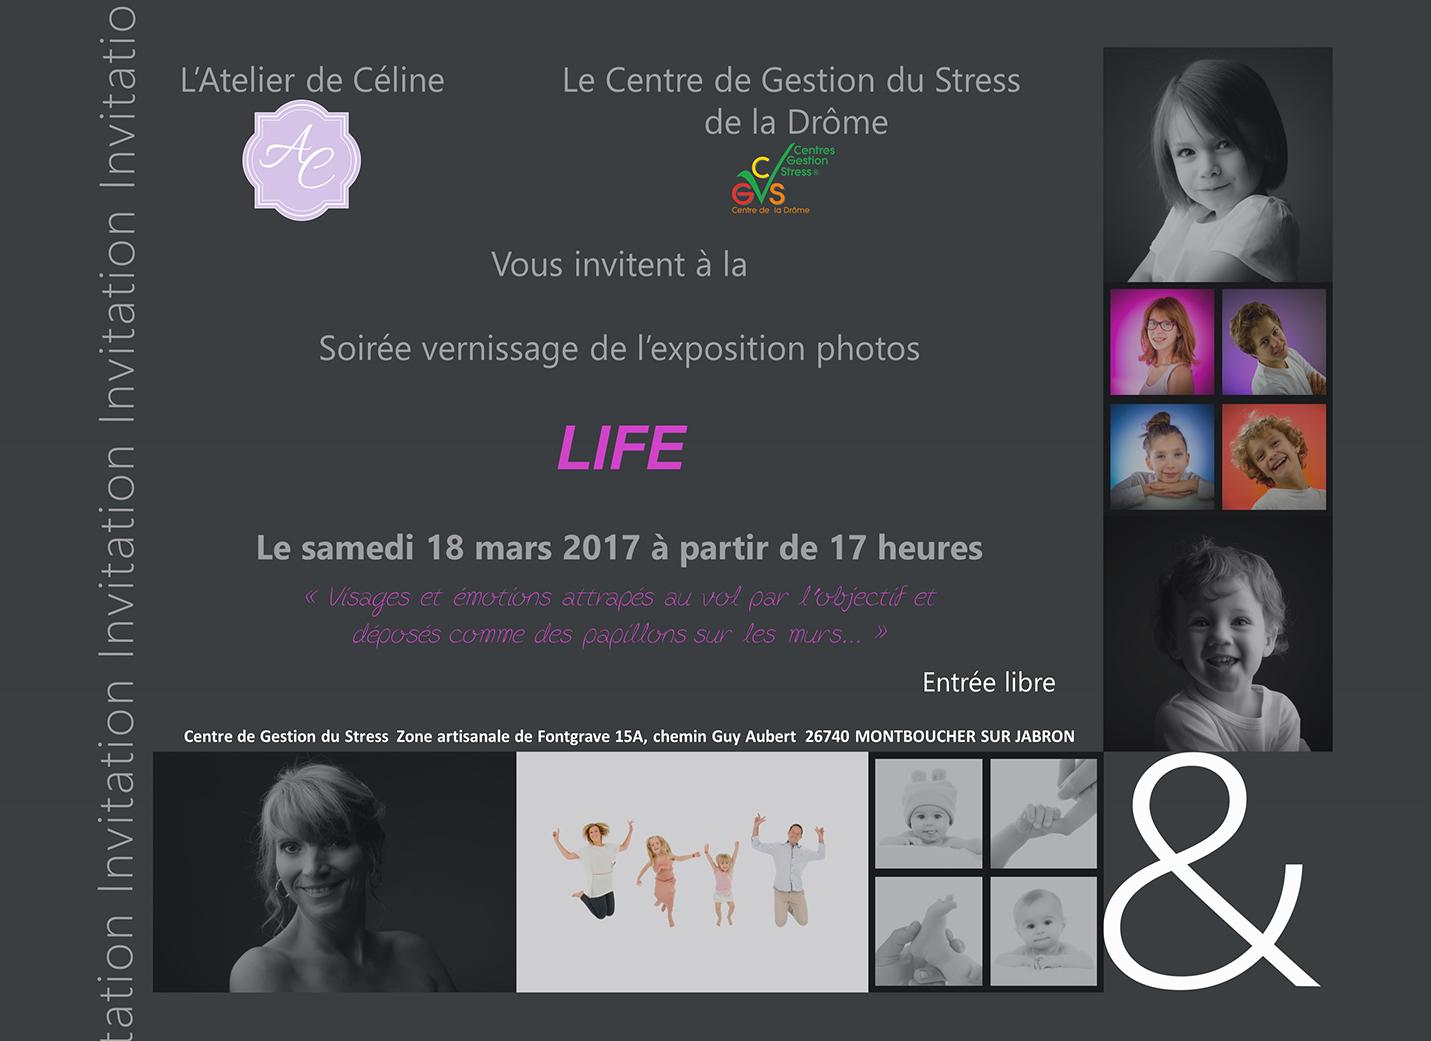 exposition photos femme enfant famille bébé Atelier de Céline